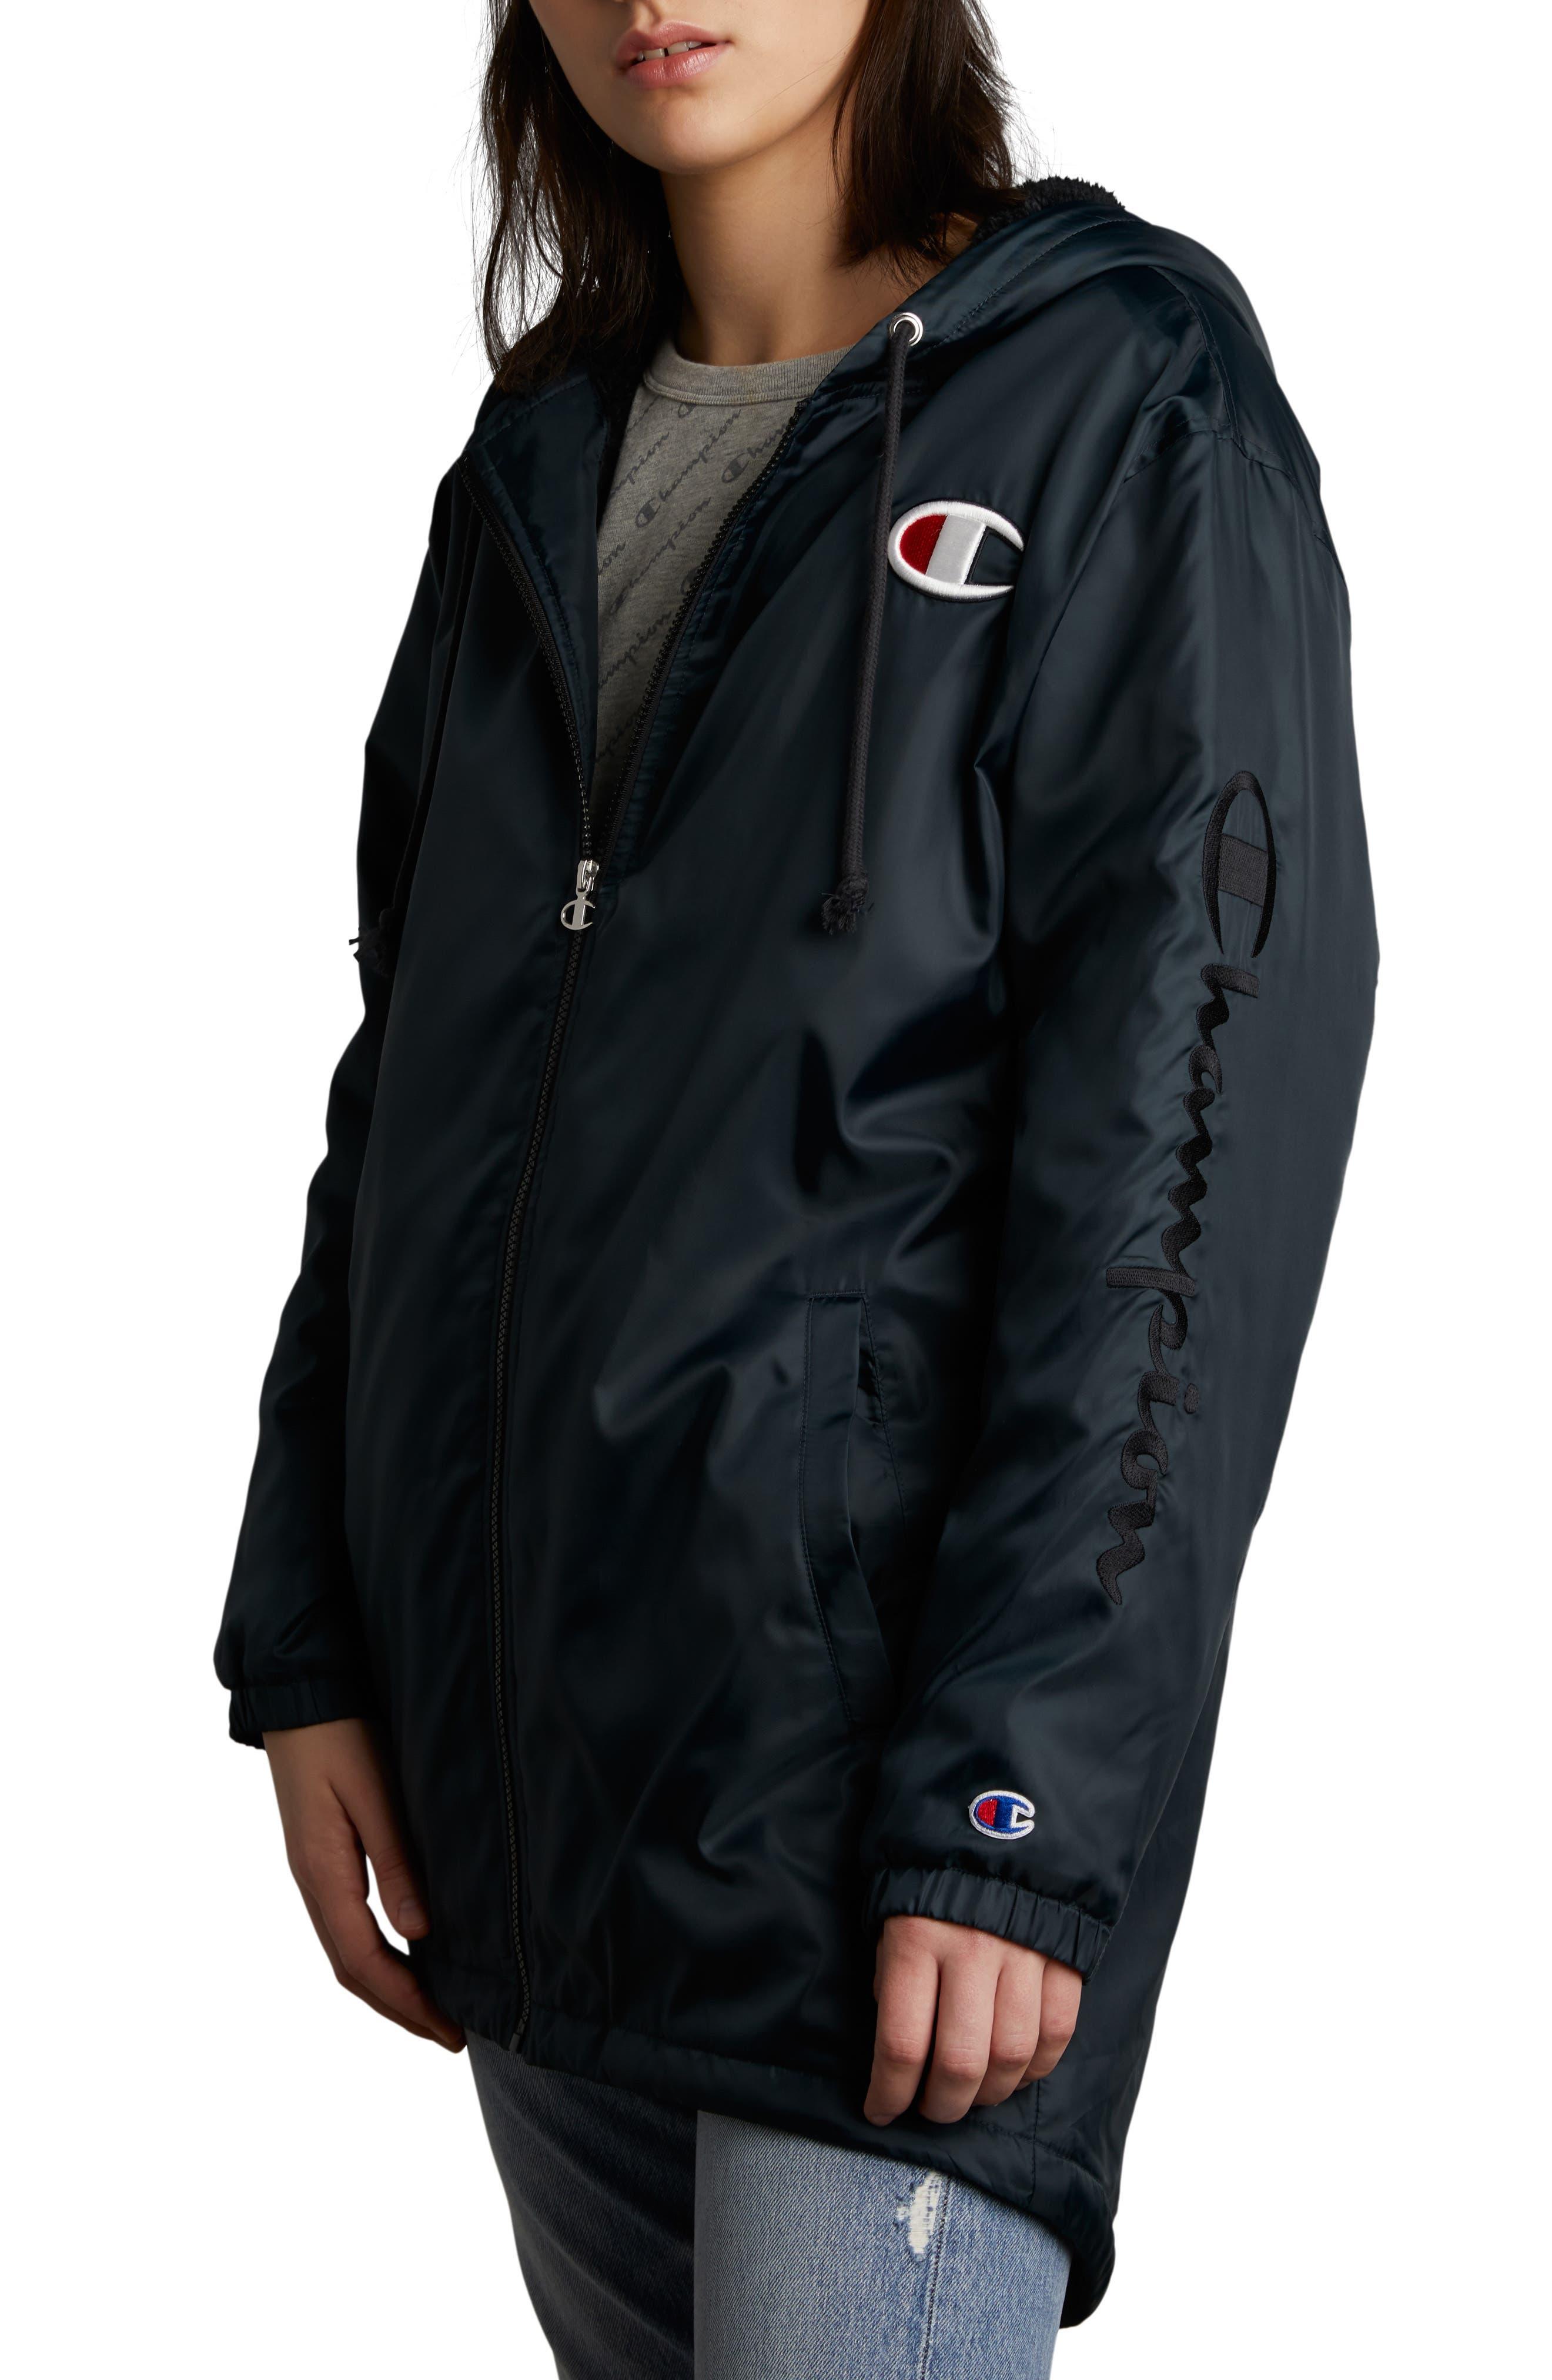 Champion Fleece Lined Jacket